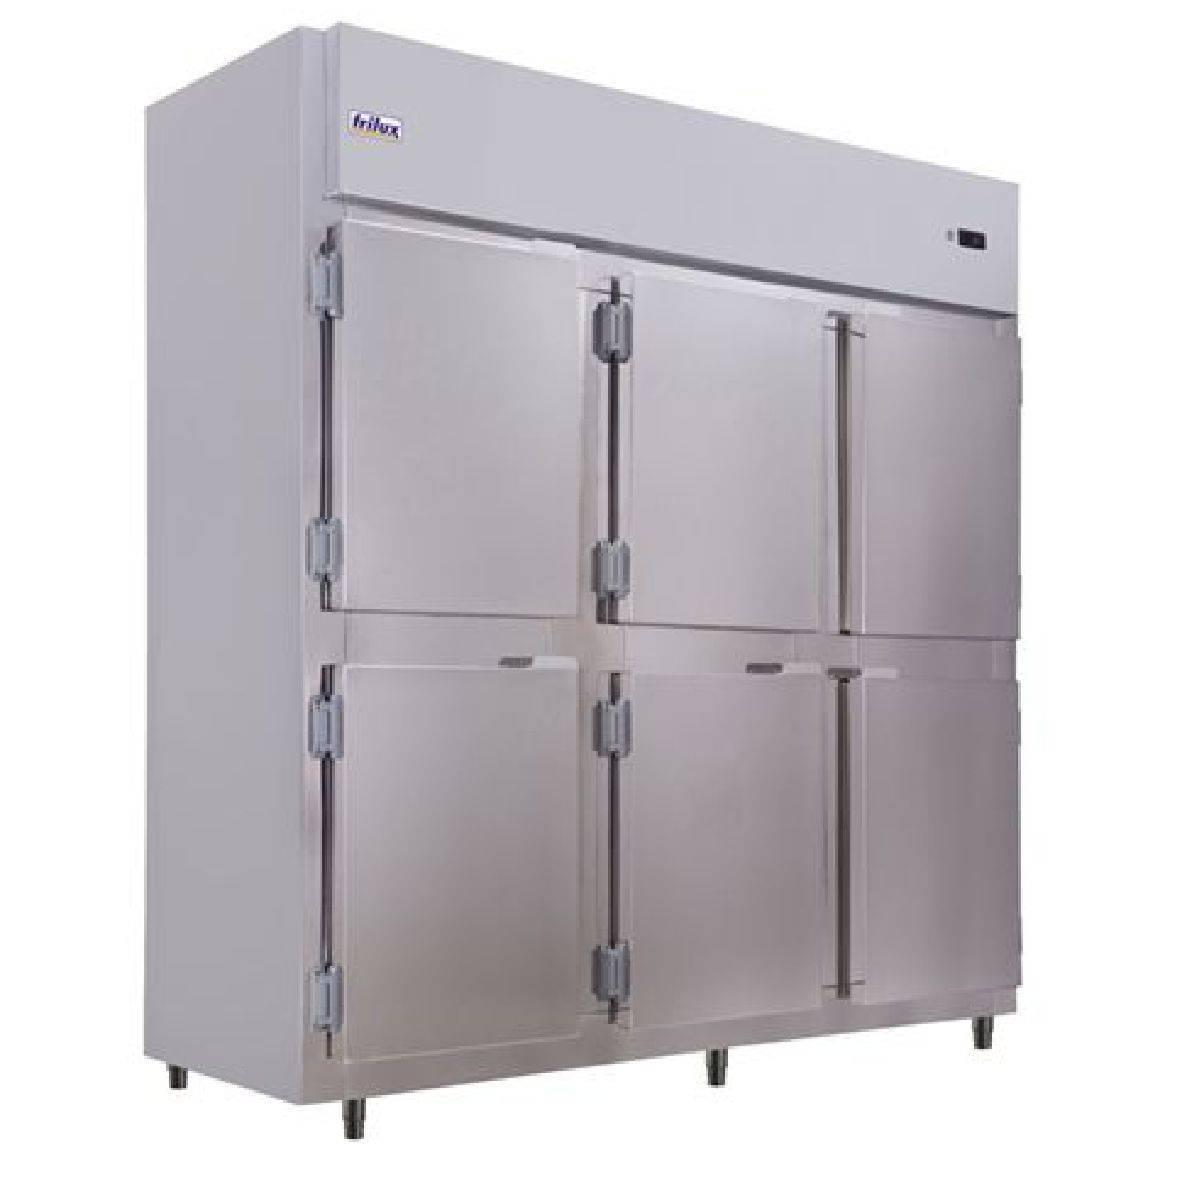 Geladeira Comercial Inox 6 Portas RF-067E Frilux - Magazine do Chef